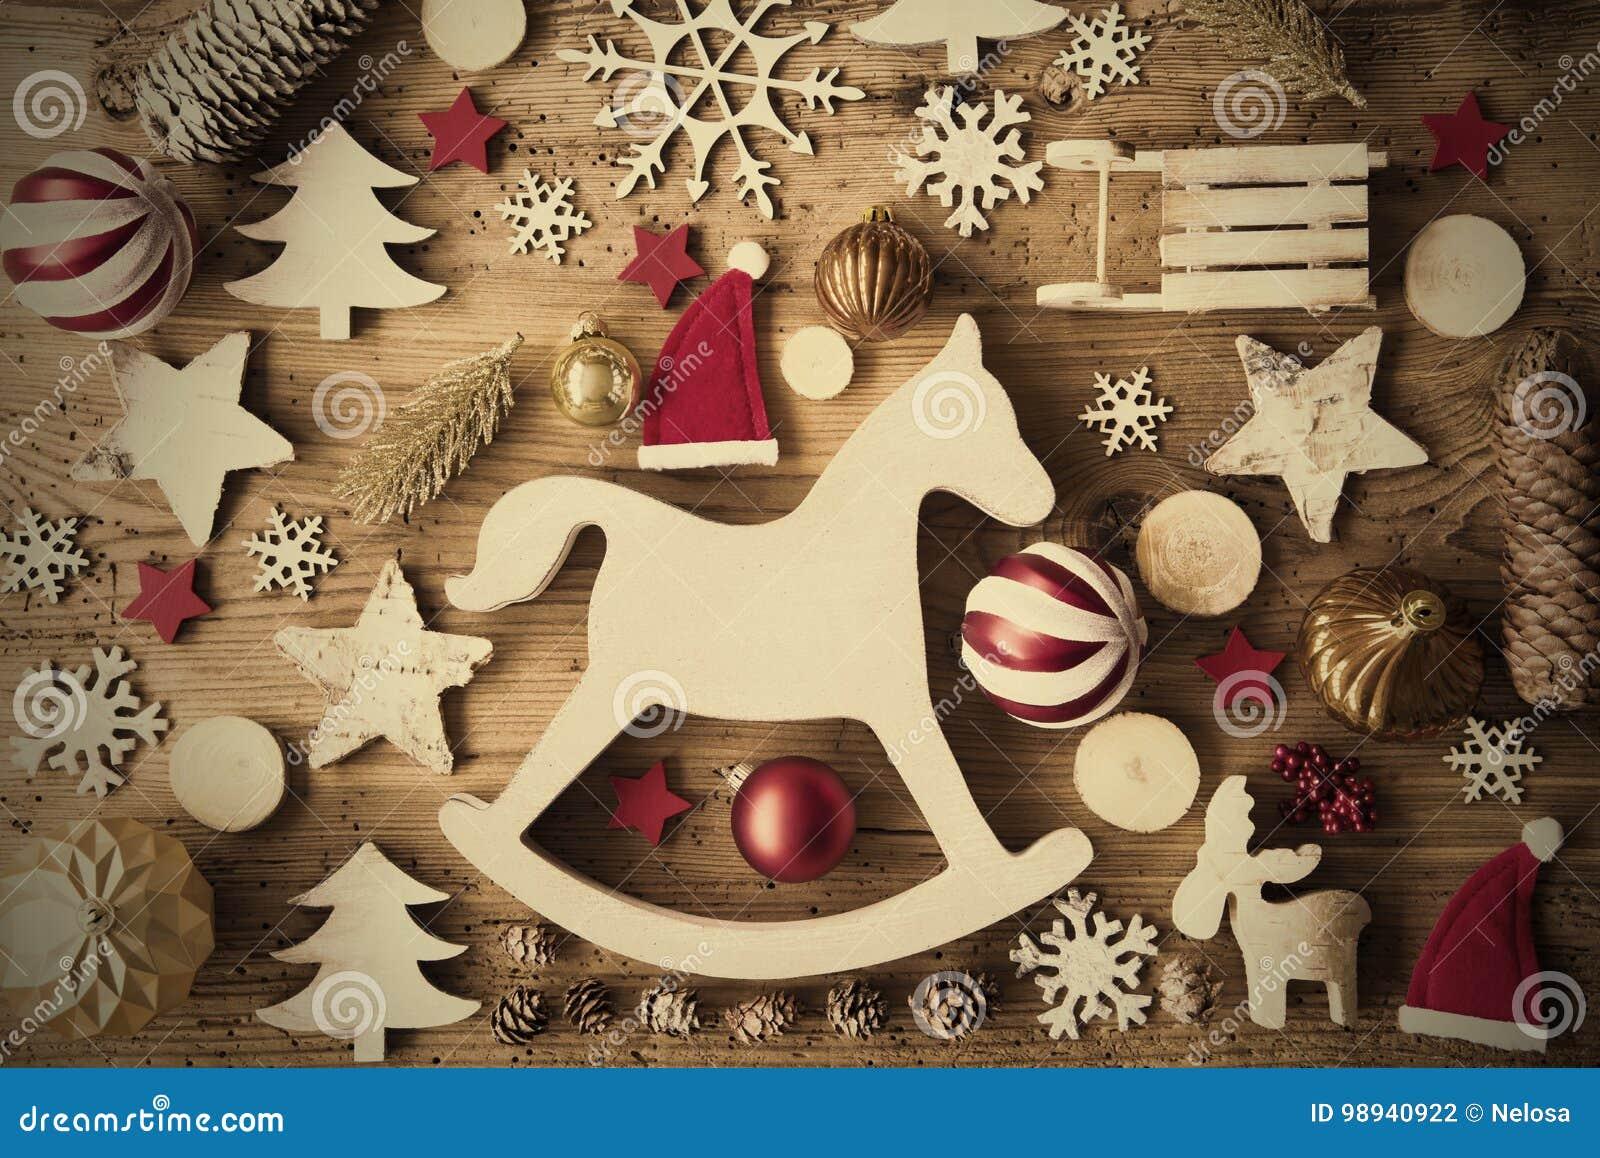 Weihnachtsebenen-Lage, Instagram-Filter, Rahmen Stockfoto - Bild von ...